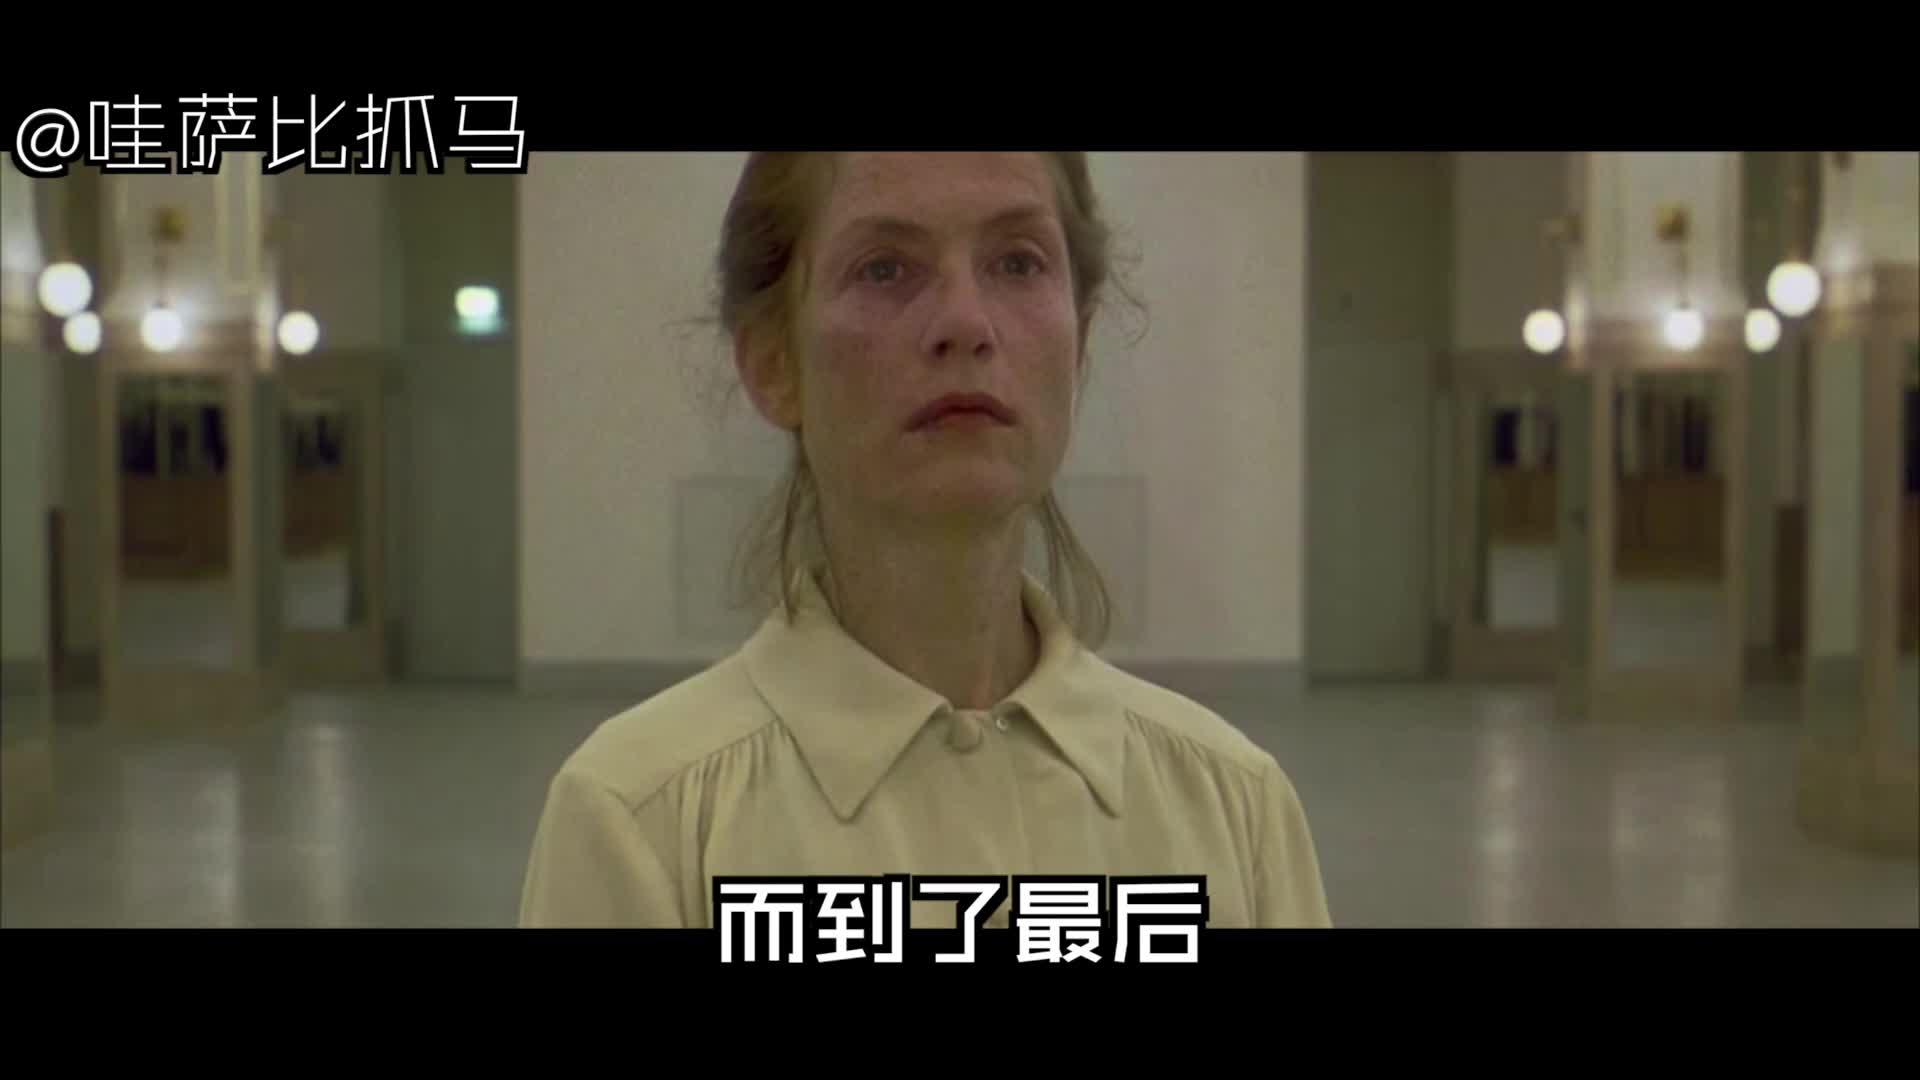 #几分钟看电影#母胎单身40年的女老师太可怕,竟强行对待学生《钢琴教师》